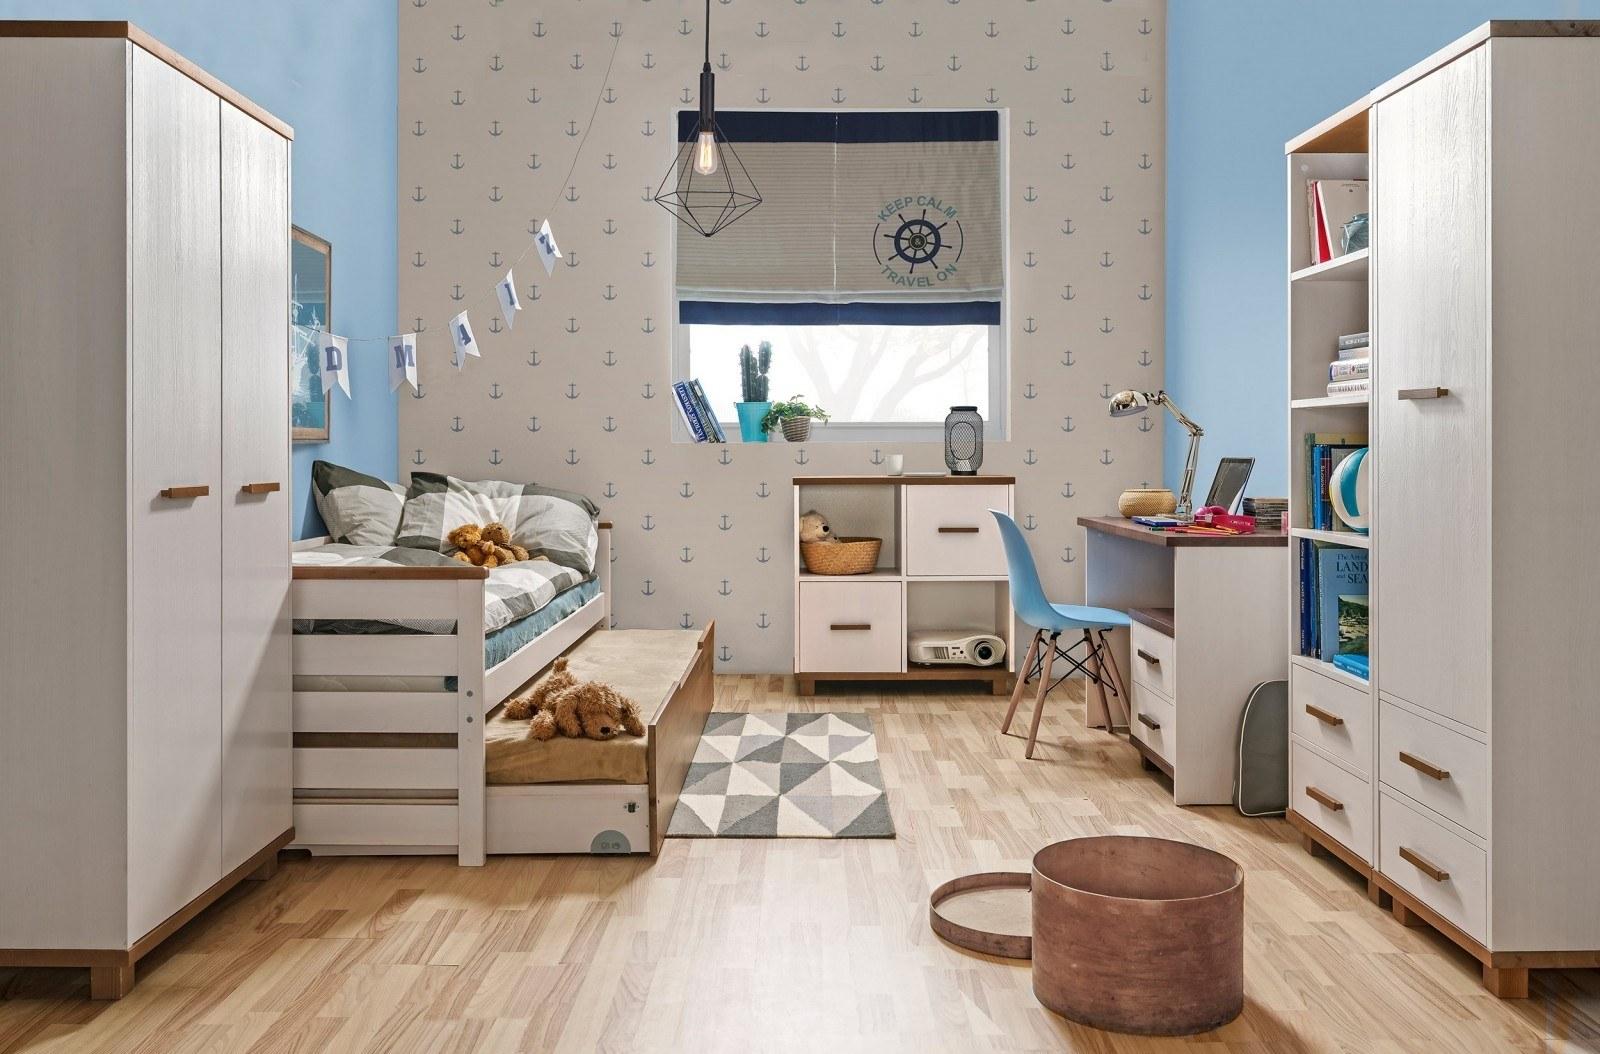 Full Size of Bett Im Schrank Mit Sofa Apartment Schrankwand 140 X 200 Kombination Jugendzimmer Ikea Versteckt Schreibtisch Und Kombiniert Schrankbett 180x200 160x200 Set Bett Bett Im Schrank